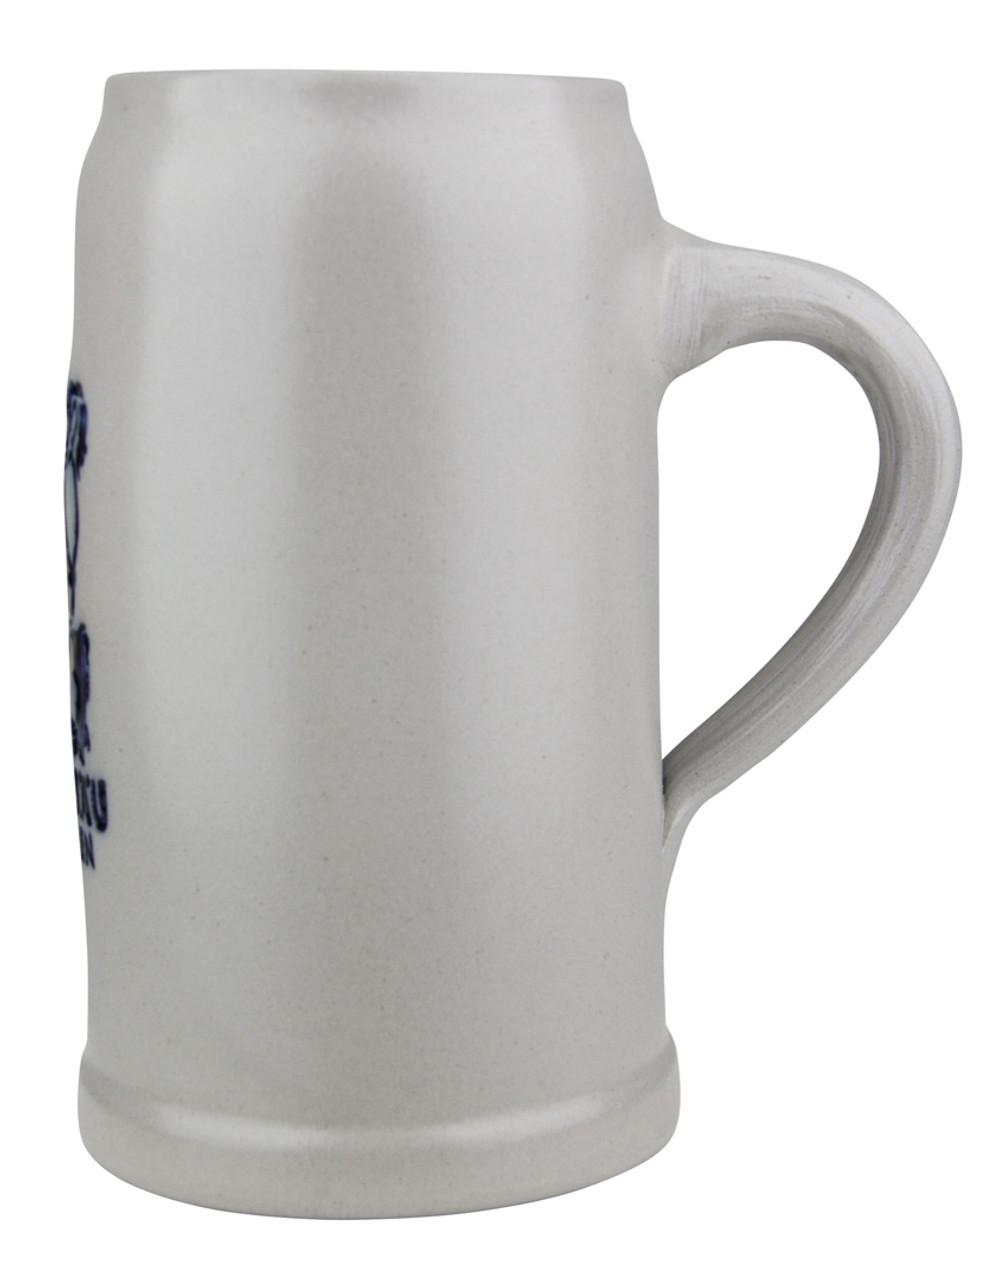 Undecorated Back Gray Stoneware Lowenbrau Brewery Mug